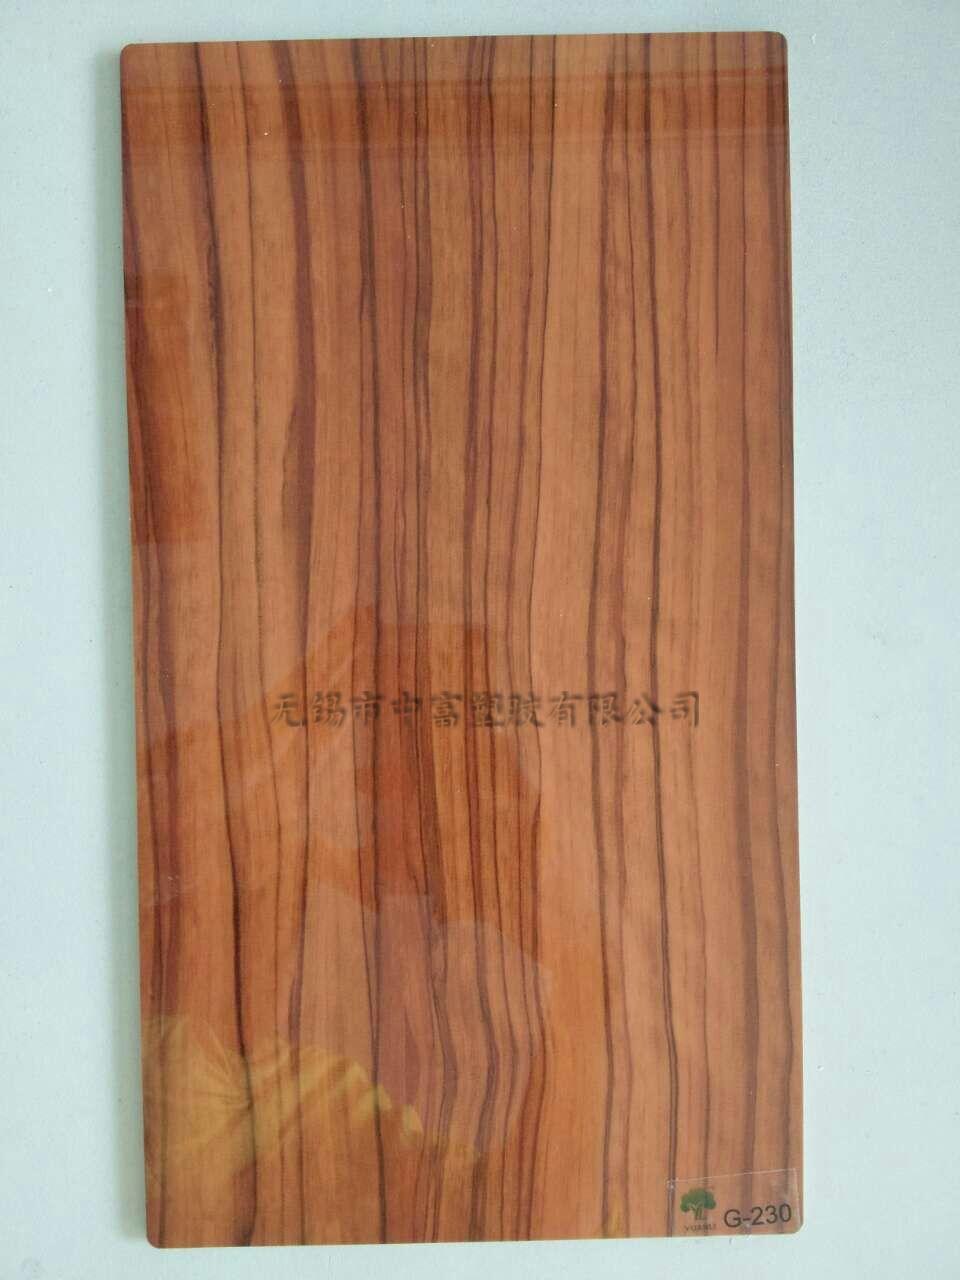 供应高分子装饰板、天津仿大理石板厂家、天津PVC装饰板、天津PVC仿木纹板、高分子免漆板